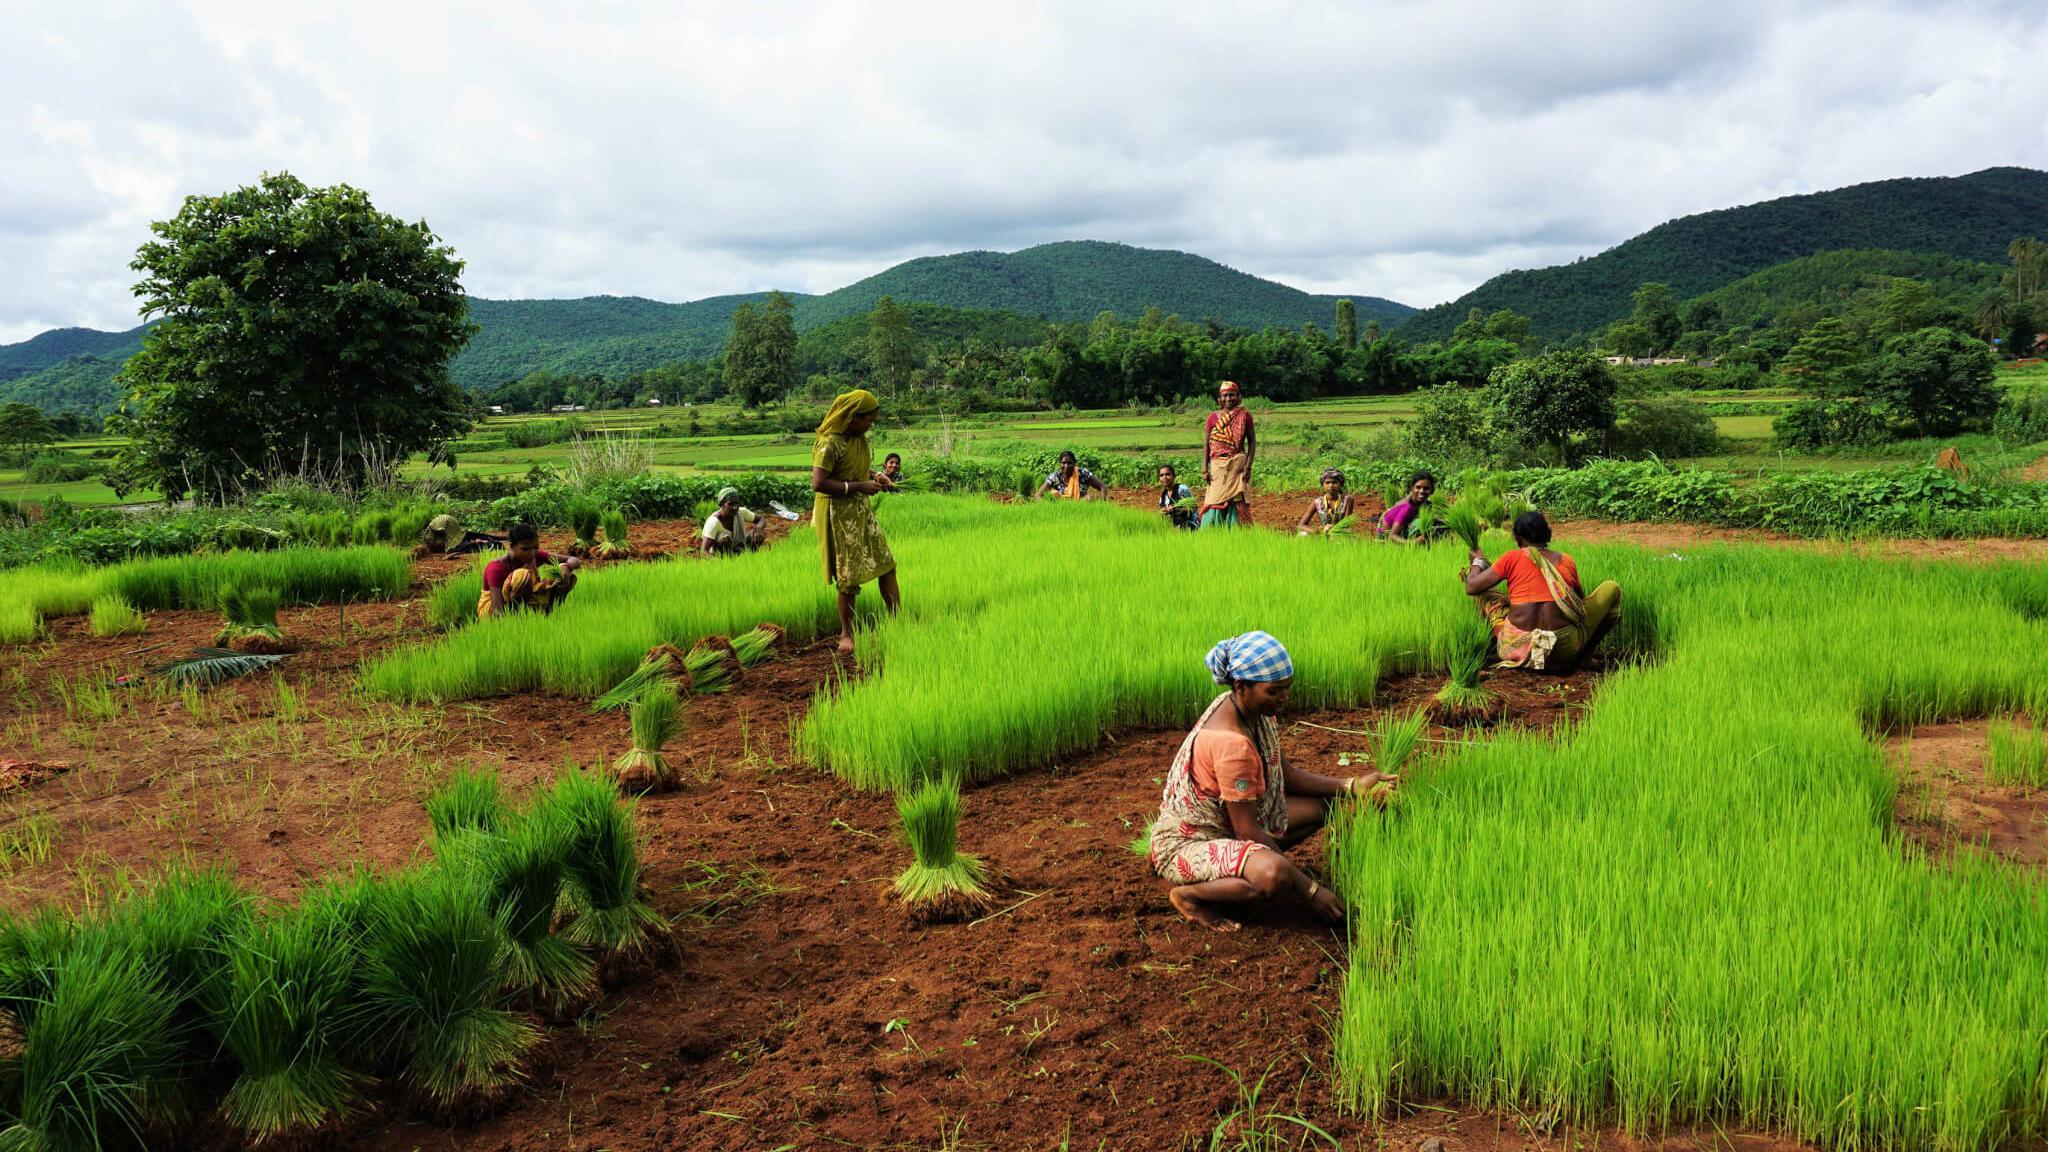 Половой диморфизм у наших предков развился не вследствие перехода к земледелию